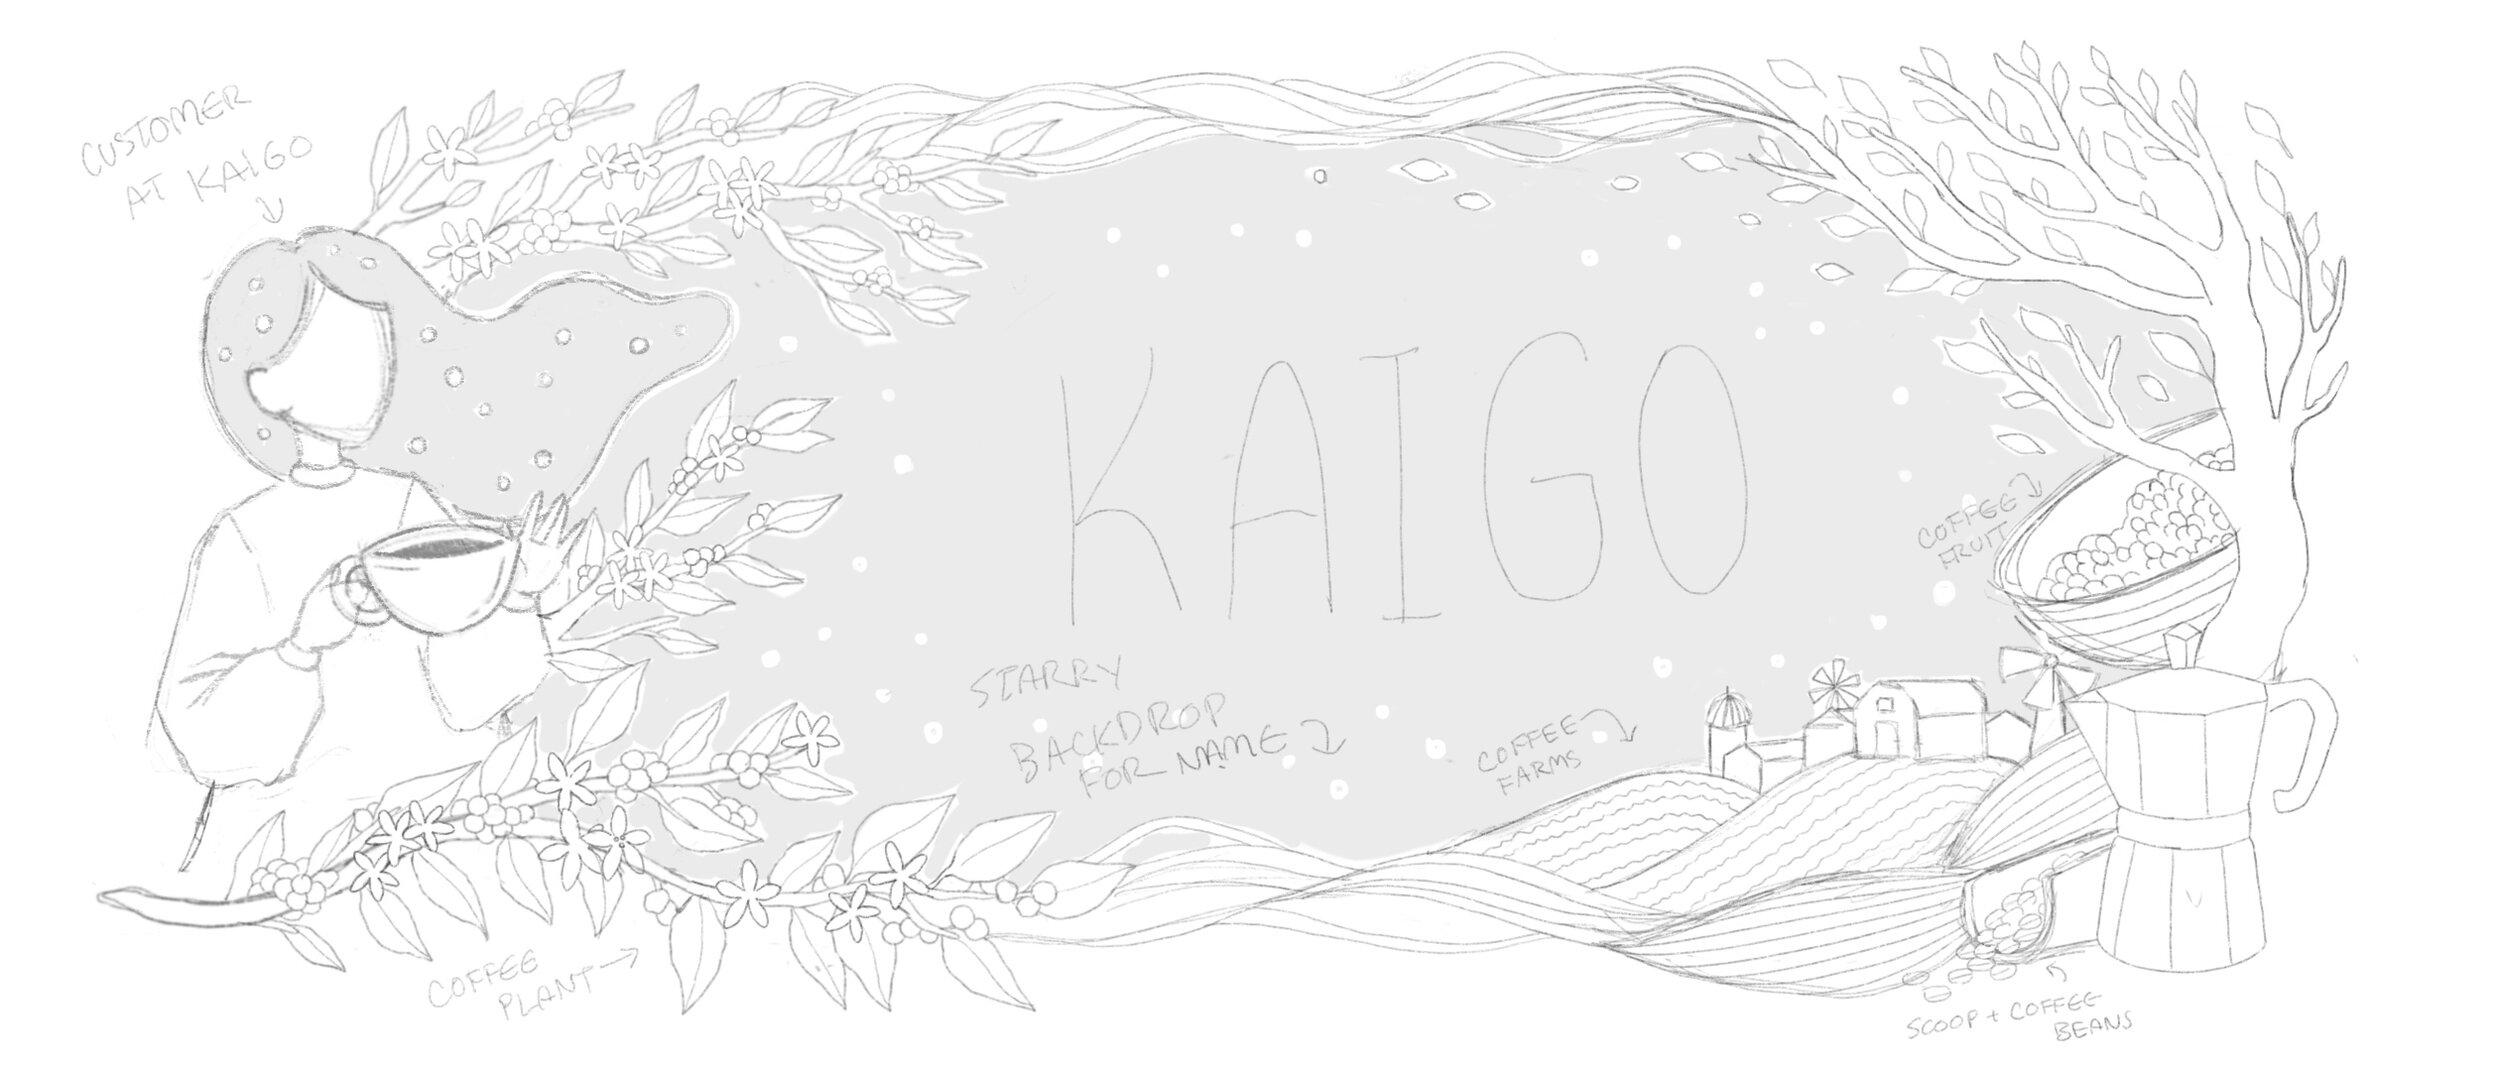 Kaigo-Mural-012419-R0-LL.jpg